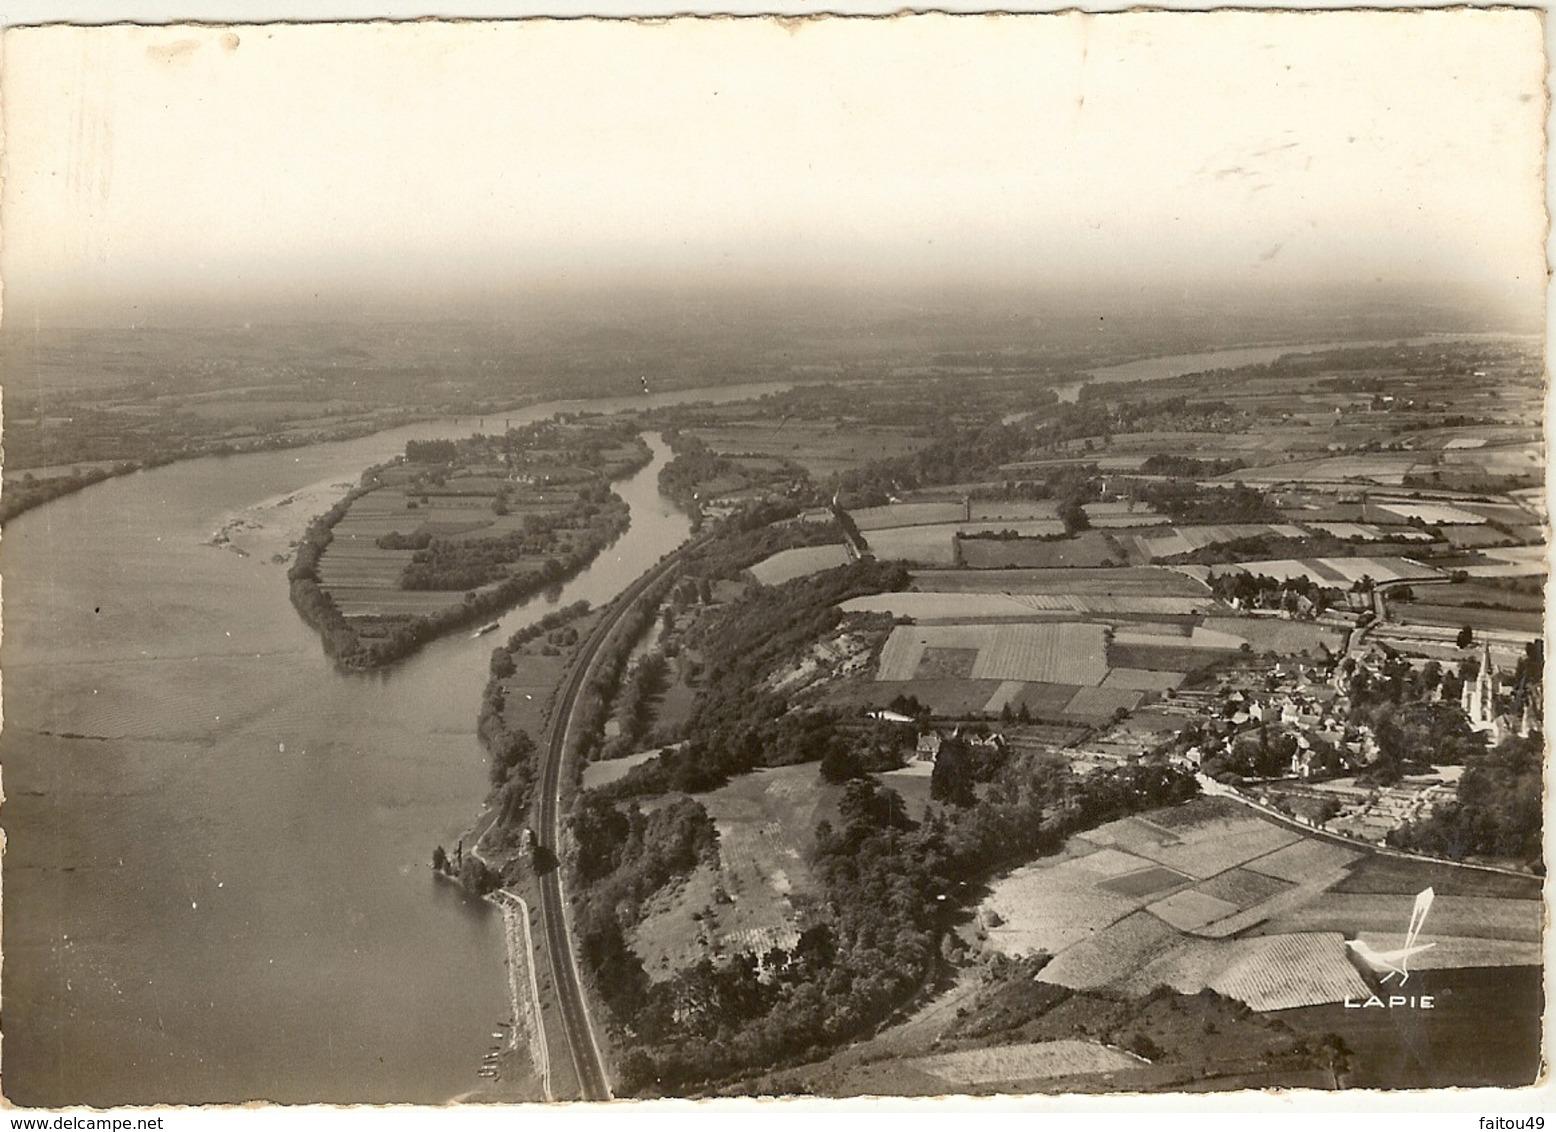 Cpsm Gf -  EPIRE - Environs De Béhuard  En Avion Vue Panoramique De L Ile De Béhuard   117 - Autres Communes